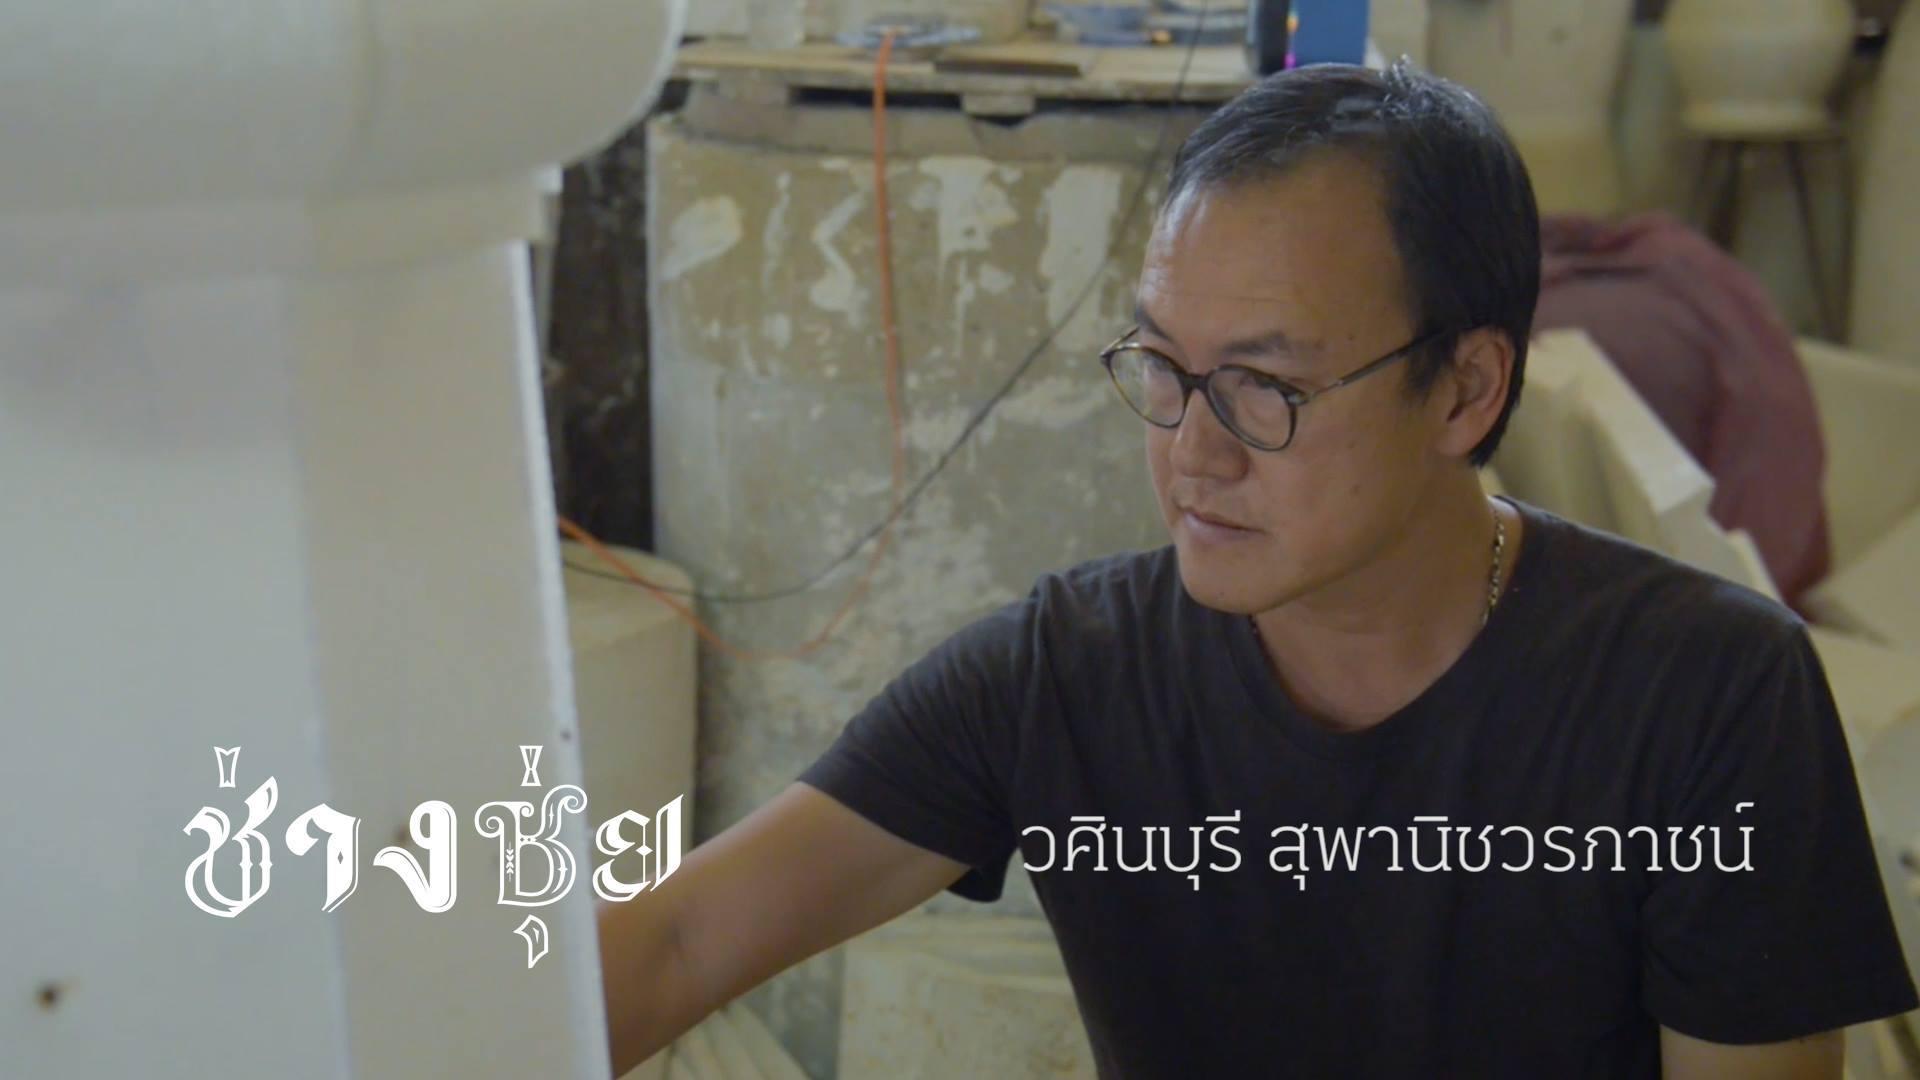 ติ้ว - วศินบุรี สุพานิชวรภาชน์ : คนต้นแบบช่างชุ่ย No.9